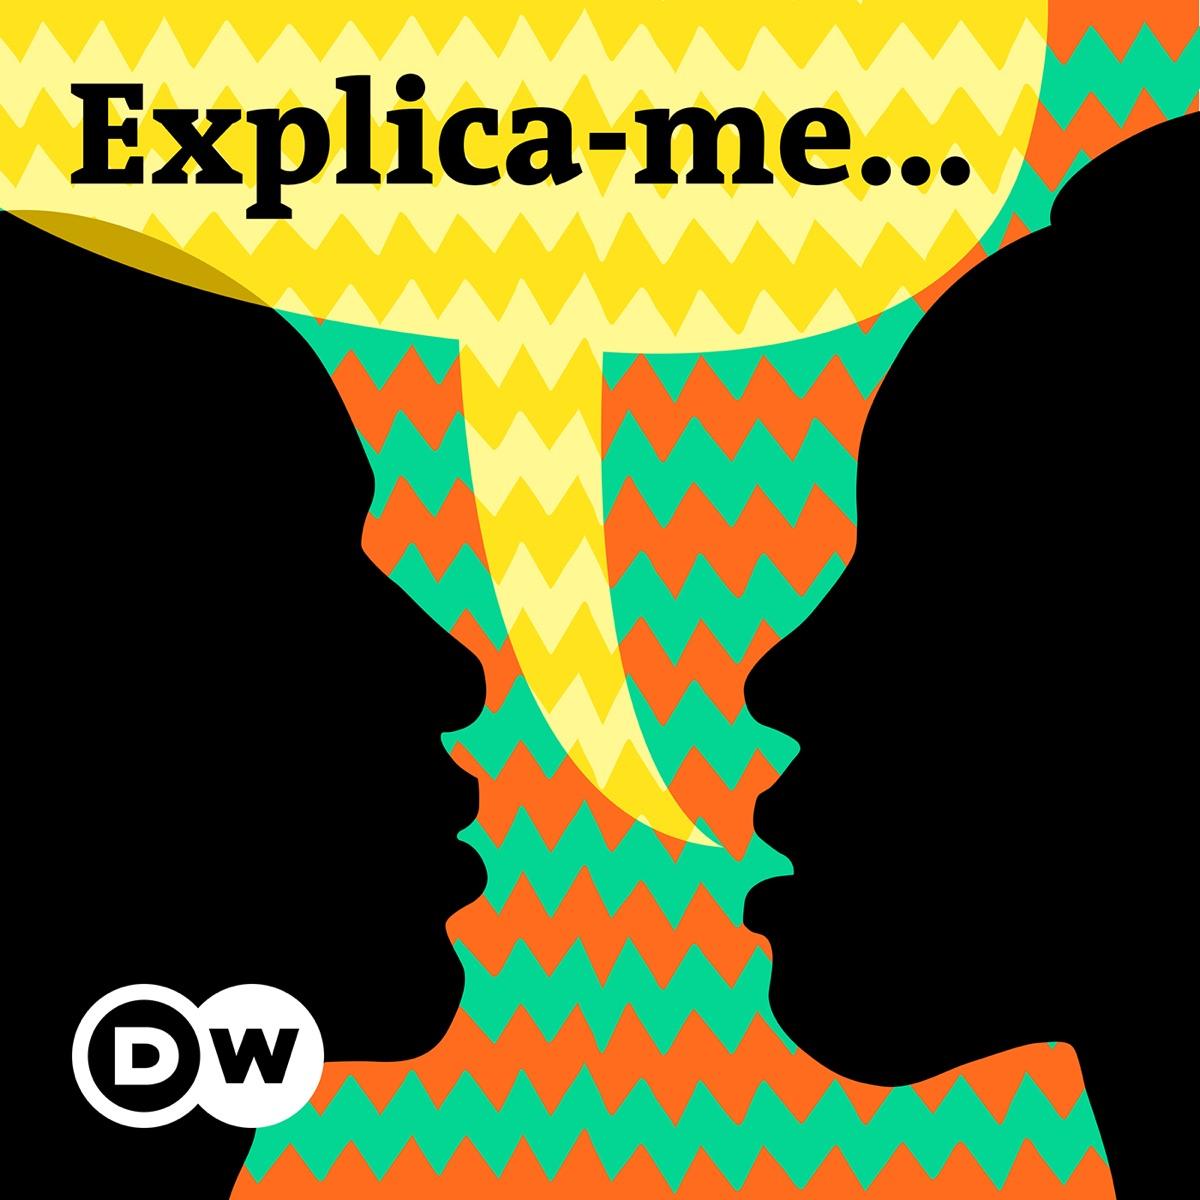 Explica-me